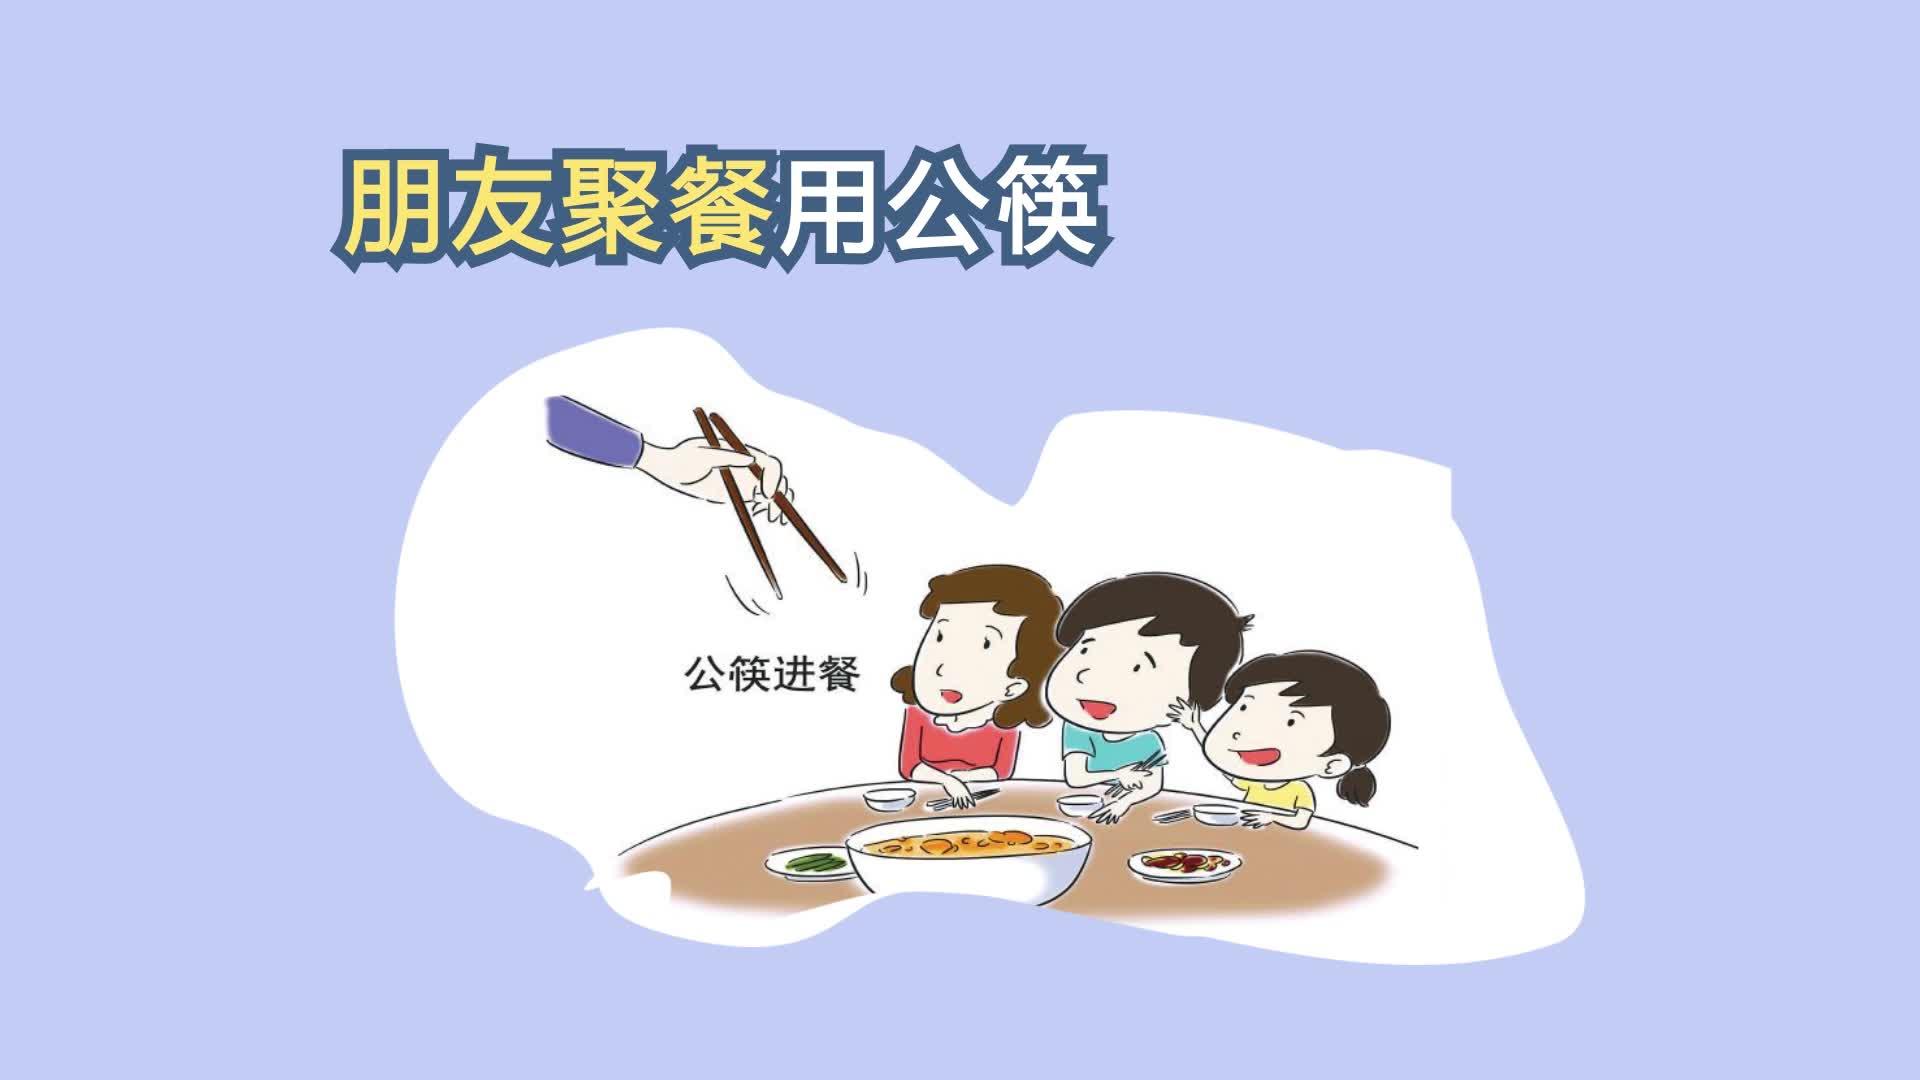 疫情防控主题公益广告——《文明用餐 您用公筷了吗》